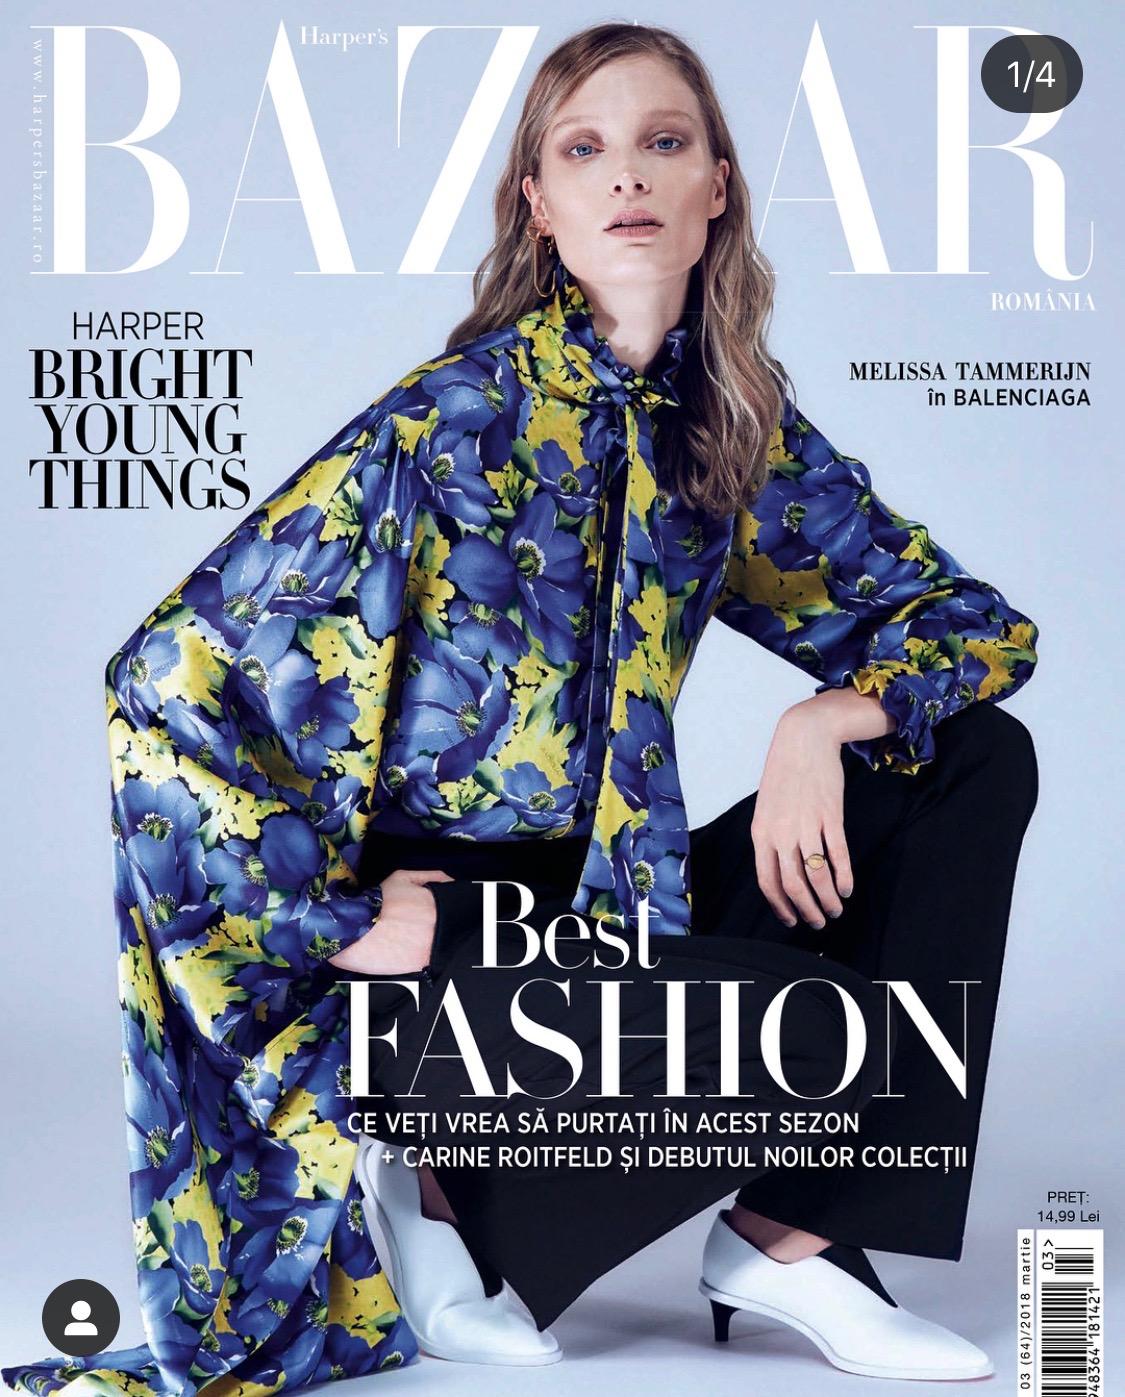 Melissa Tammerijn Harpers Bazar